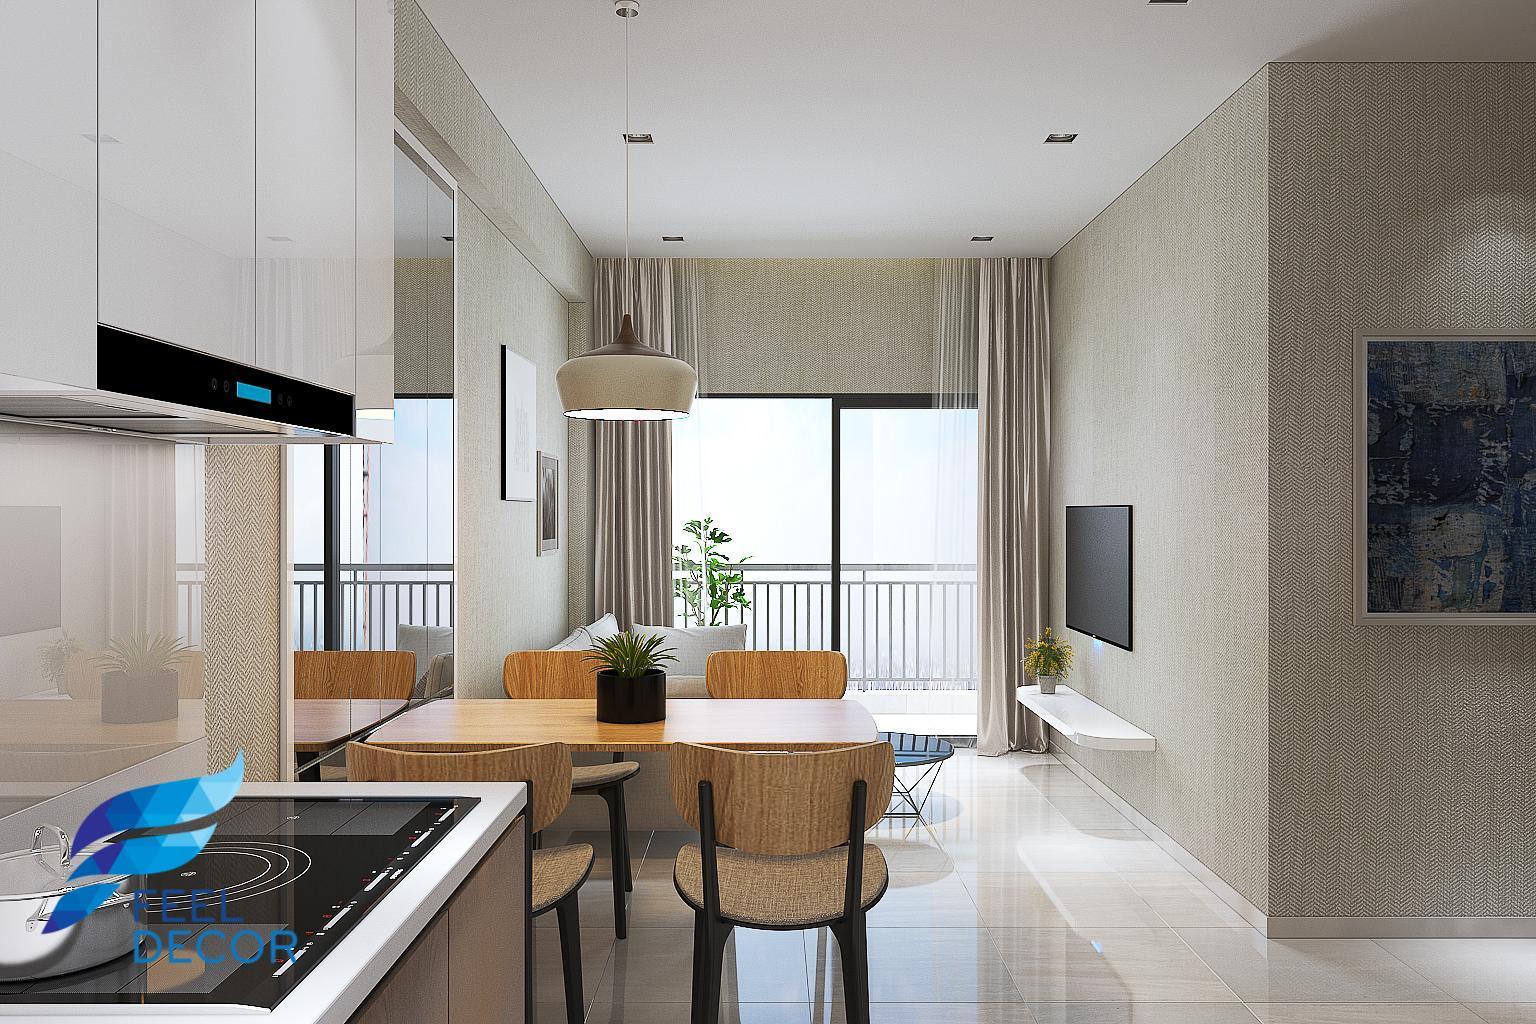 thiết kế thi công nội thất căn hộ 80m2 - 2 phòng ngủ